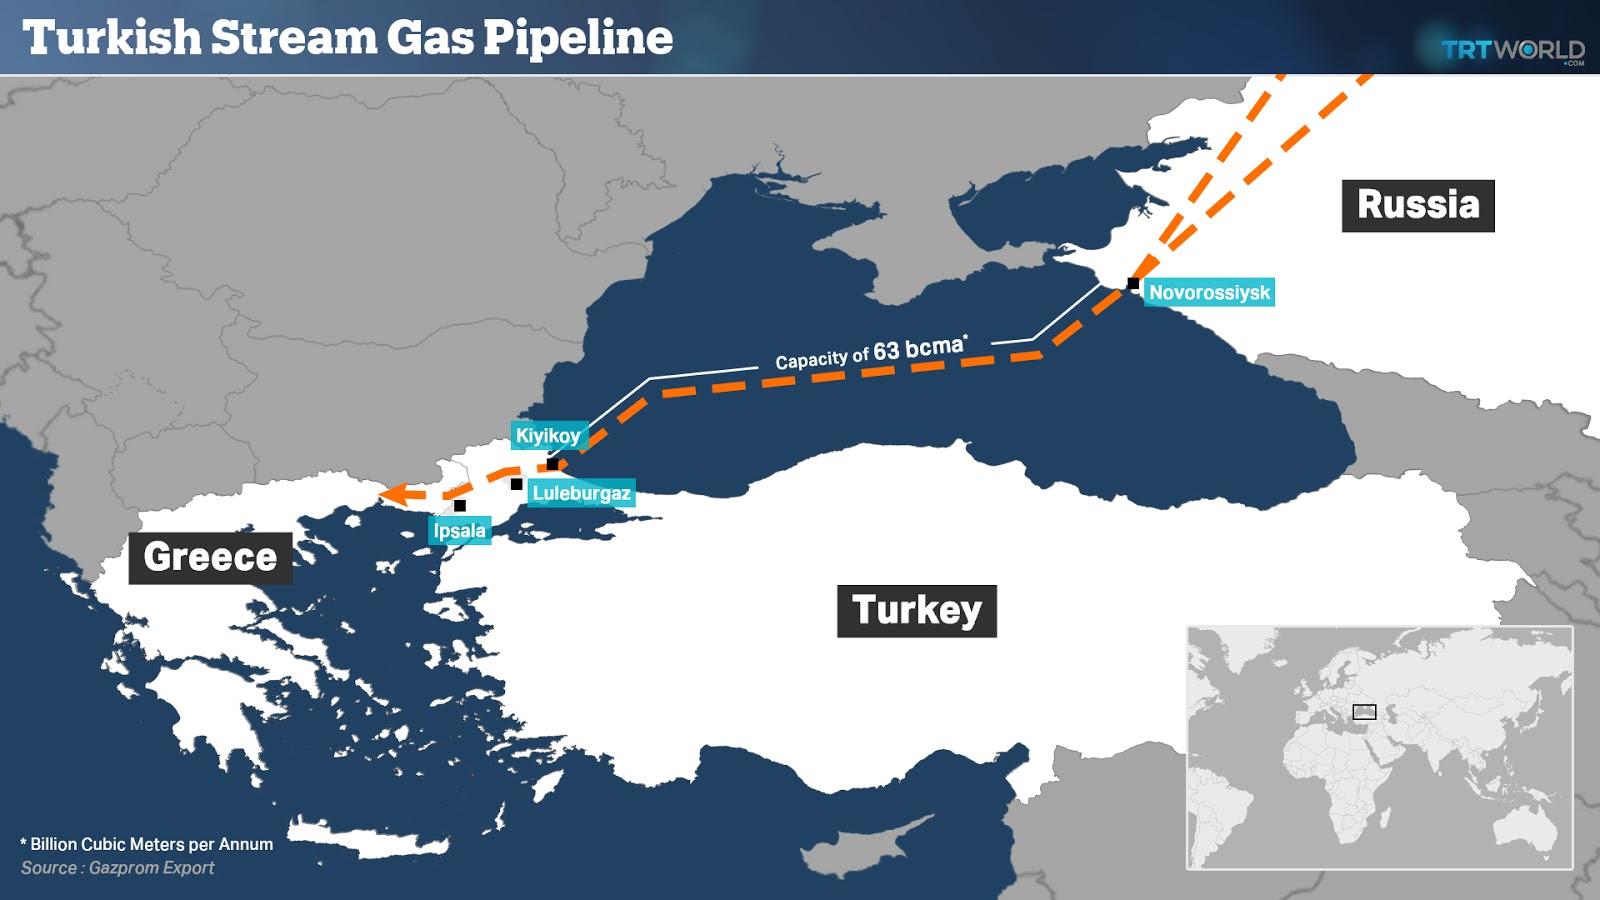 Ρωσία, Βουλγαρία, Τουρκία: Πέταξαν την Ελλάδα έξω από τον Turkish Stream!